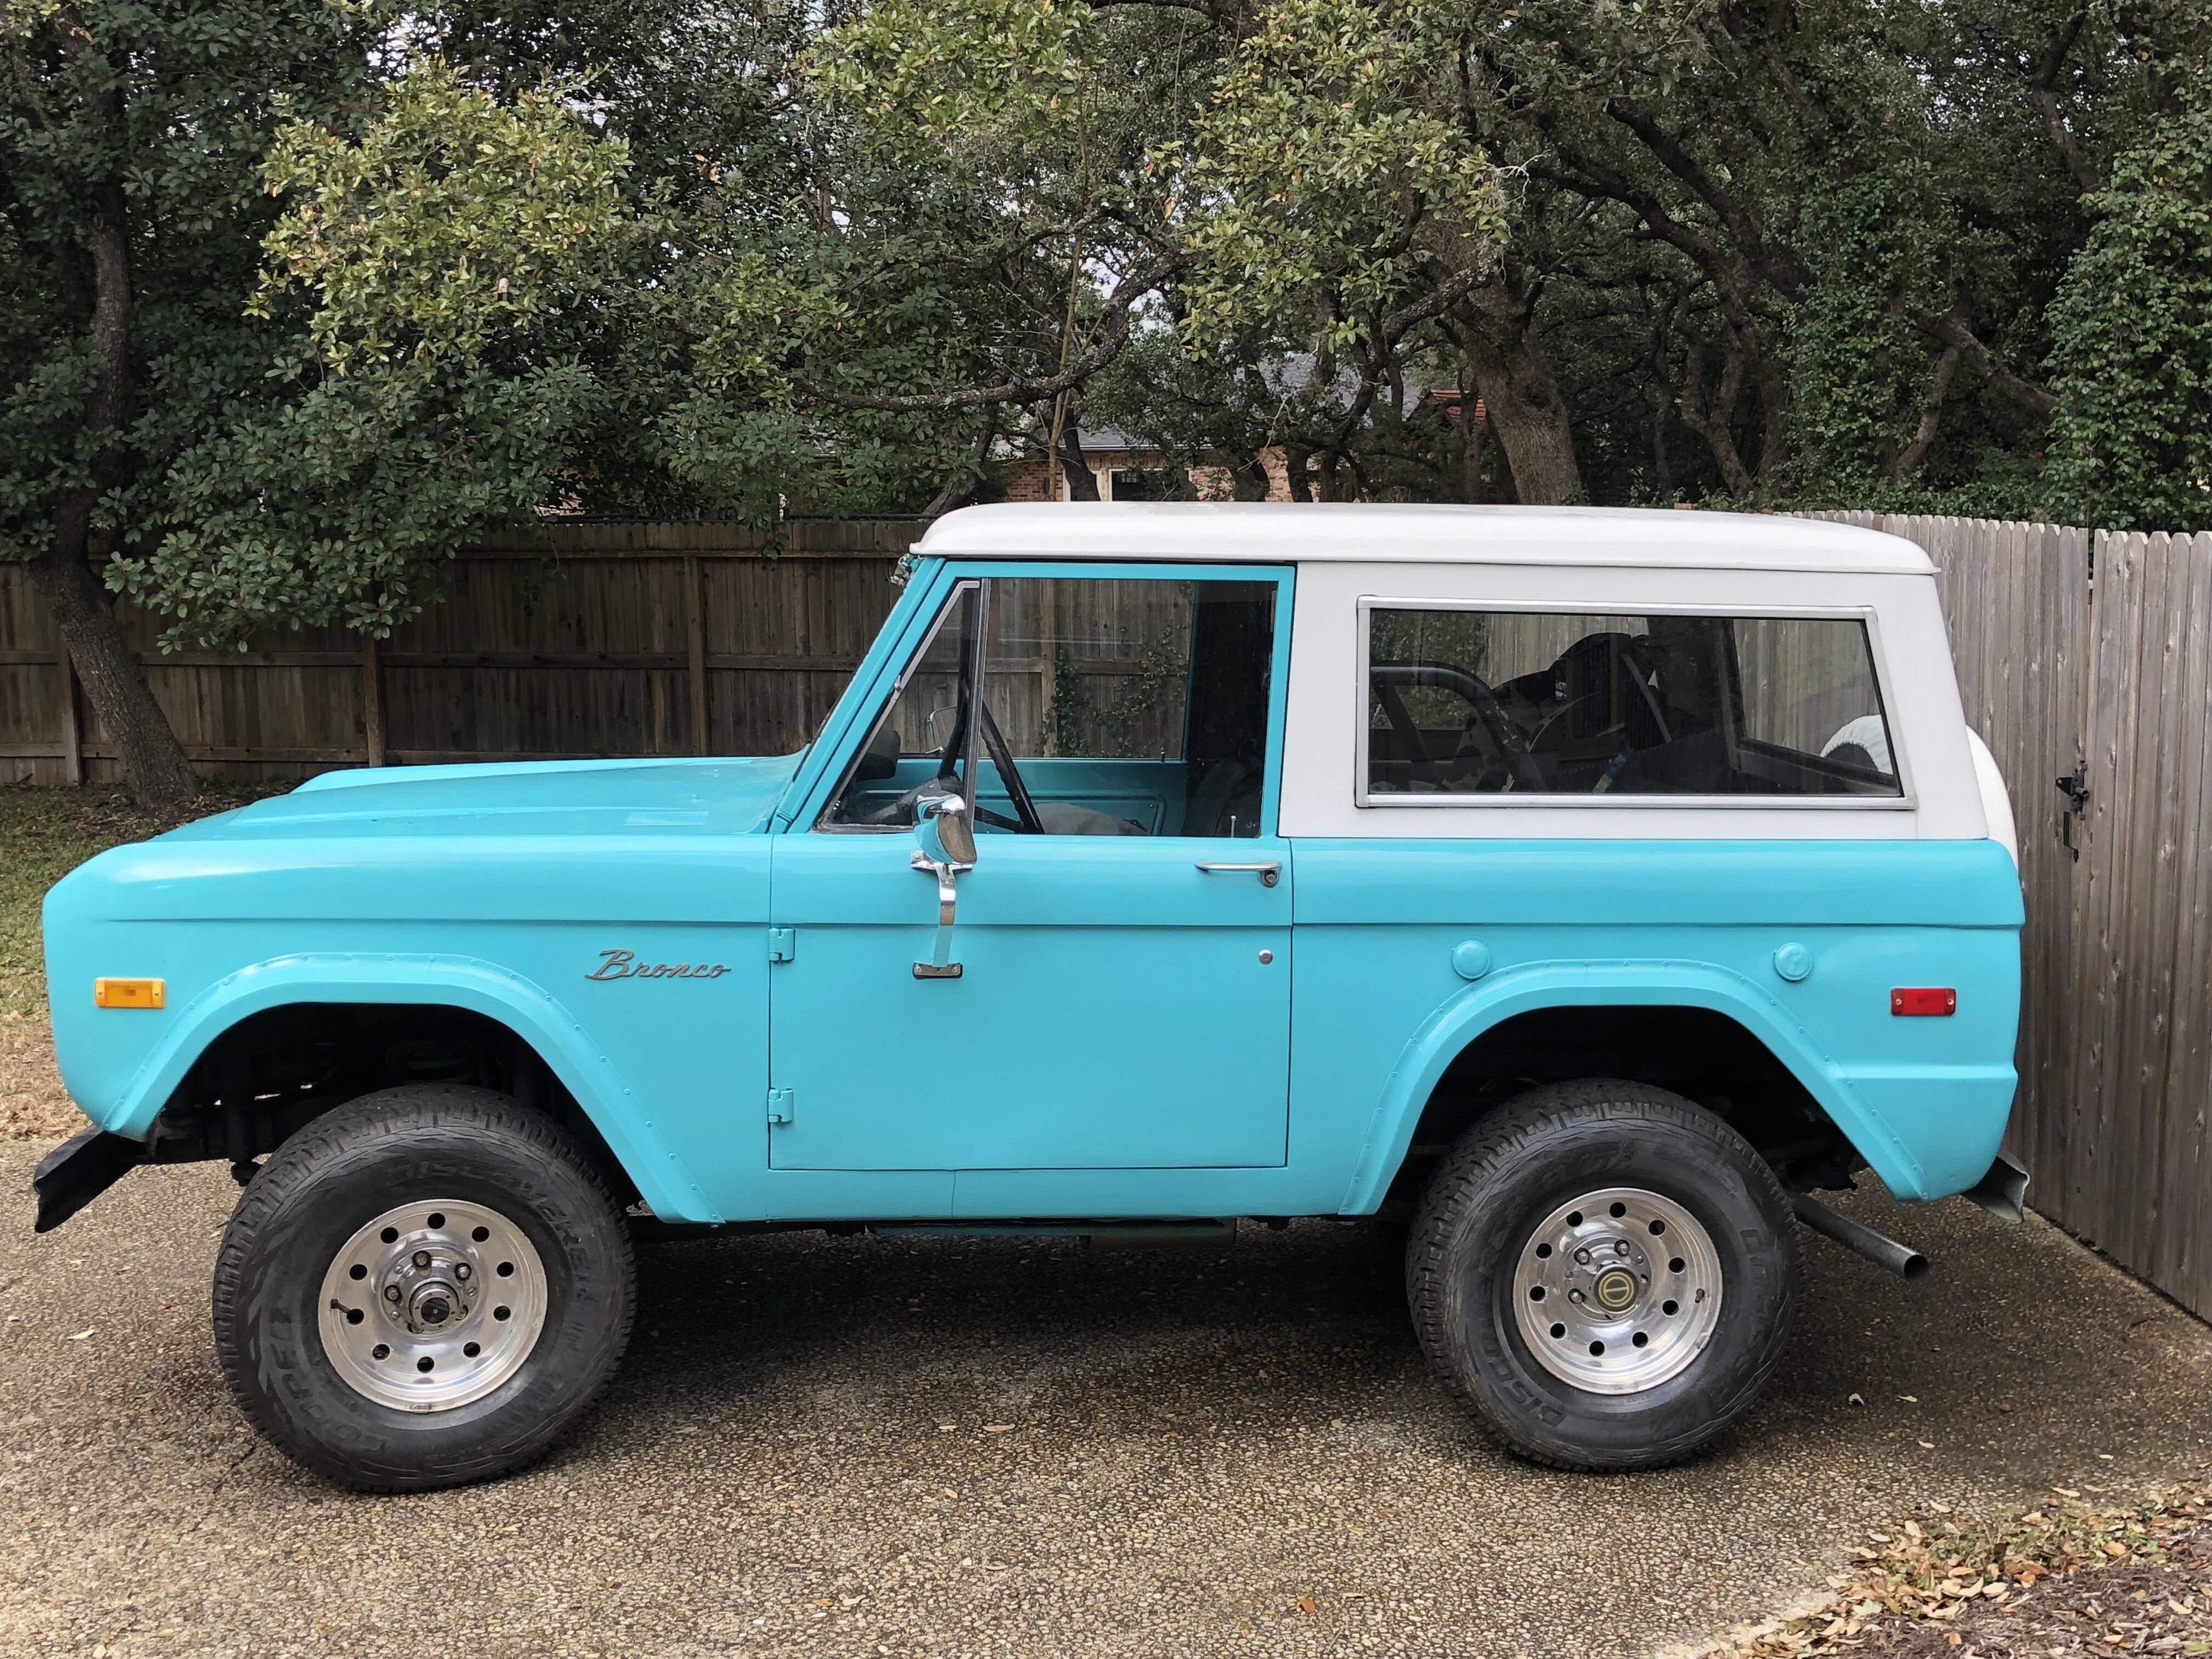 Ausgezeichnet 71 Ford Bronco Verdrahtungsschema Galerie ...